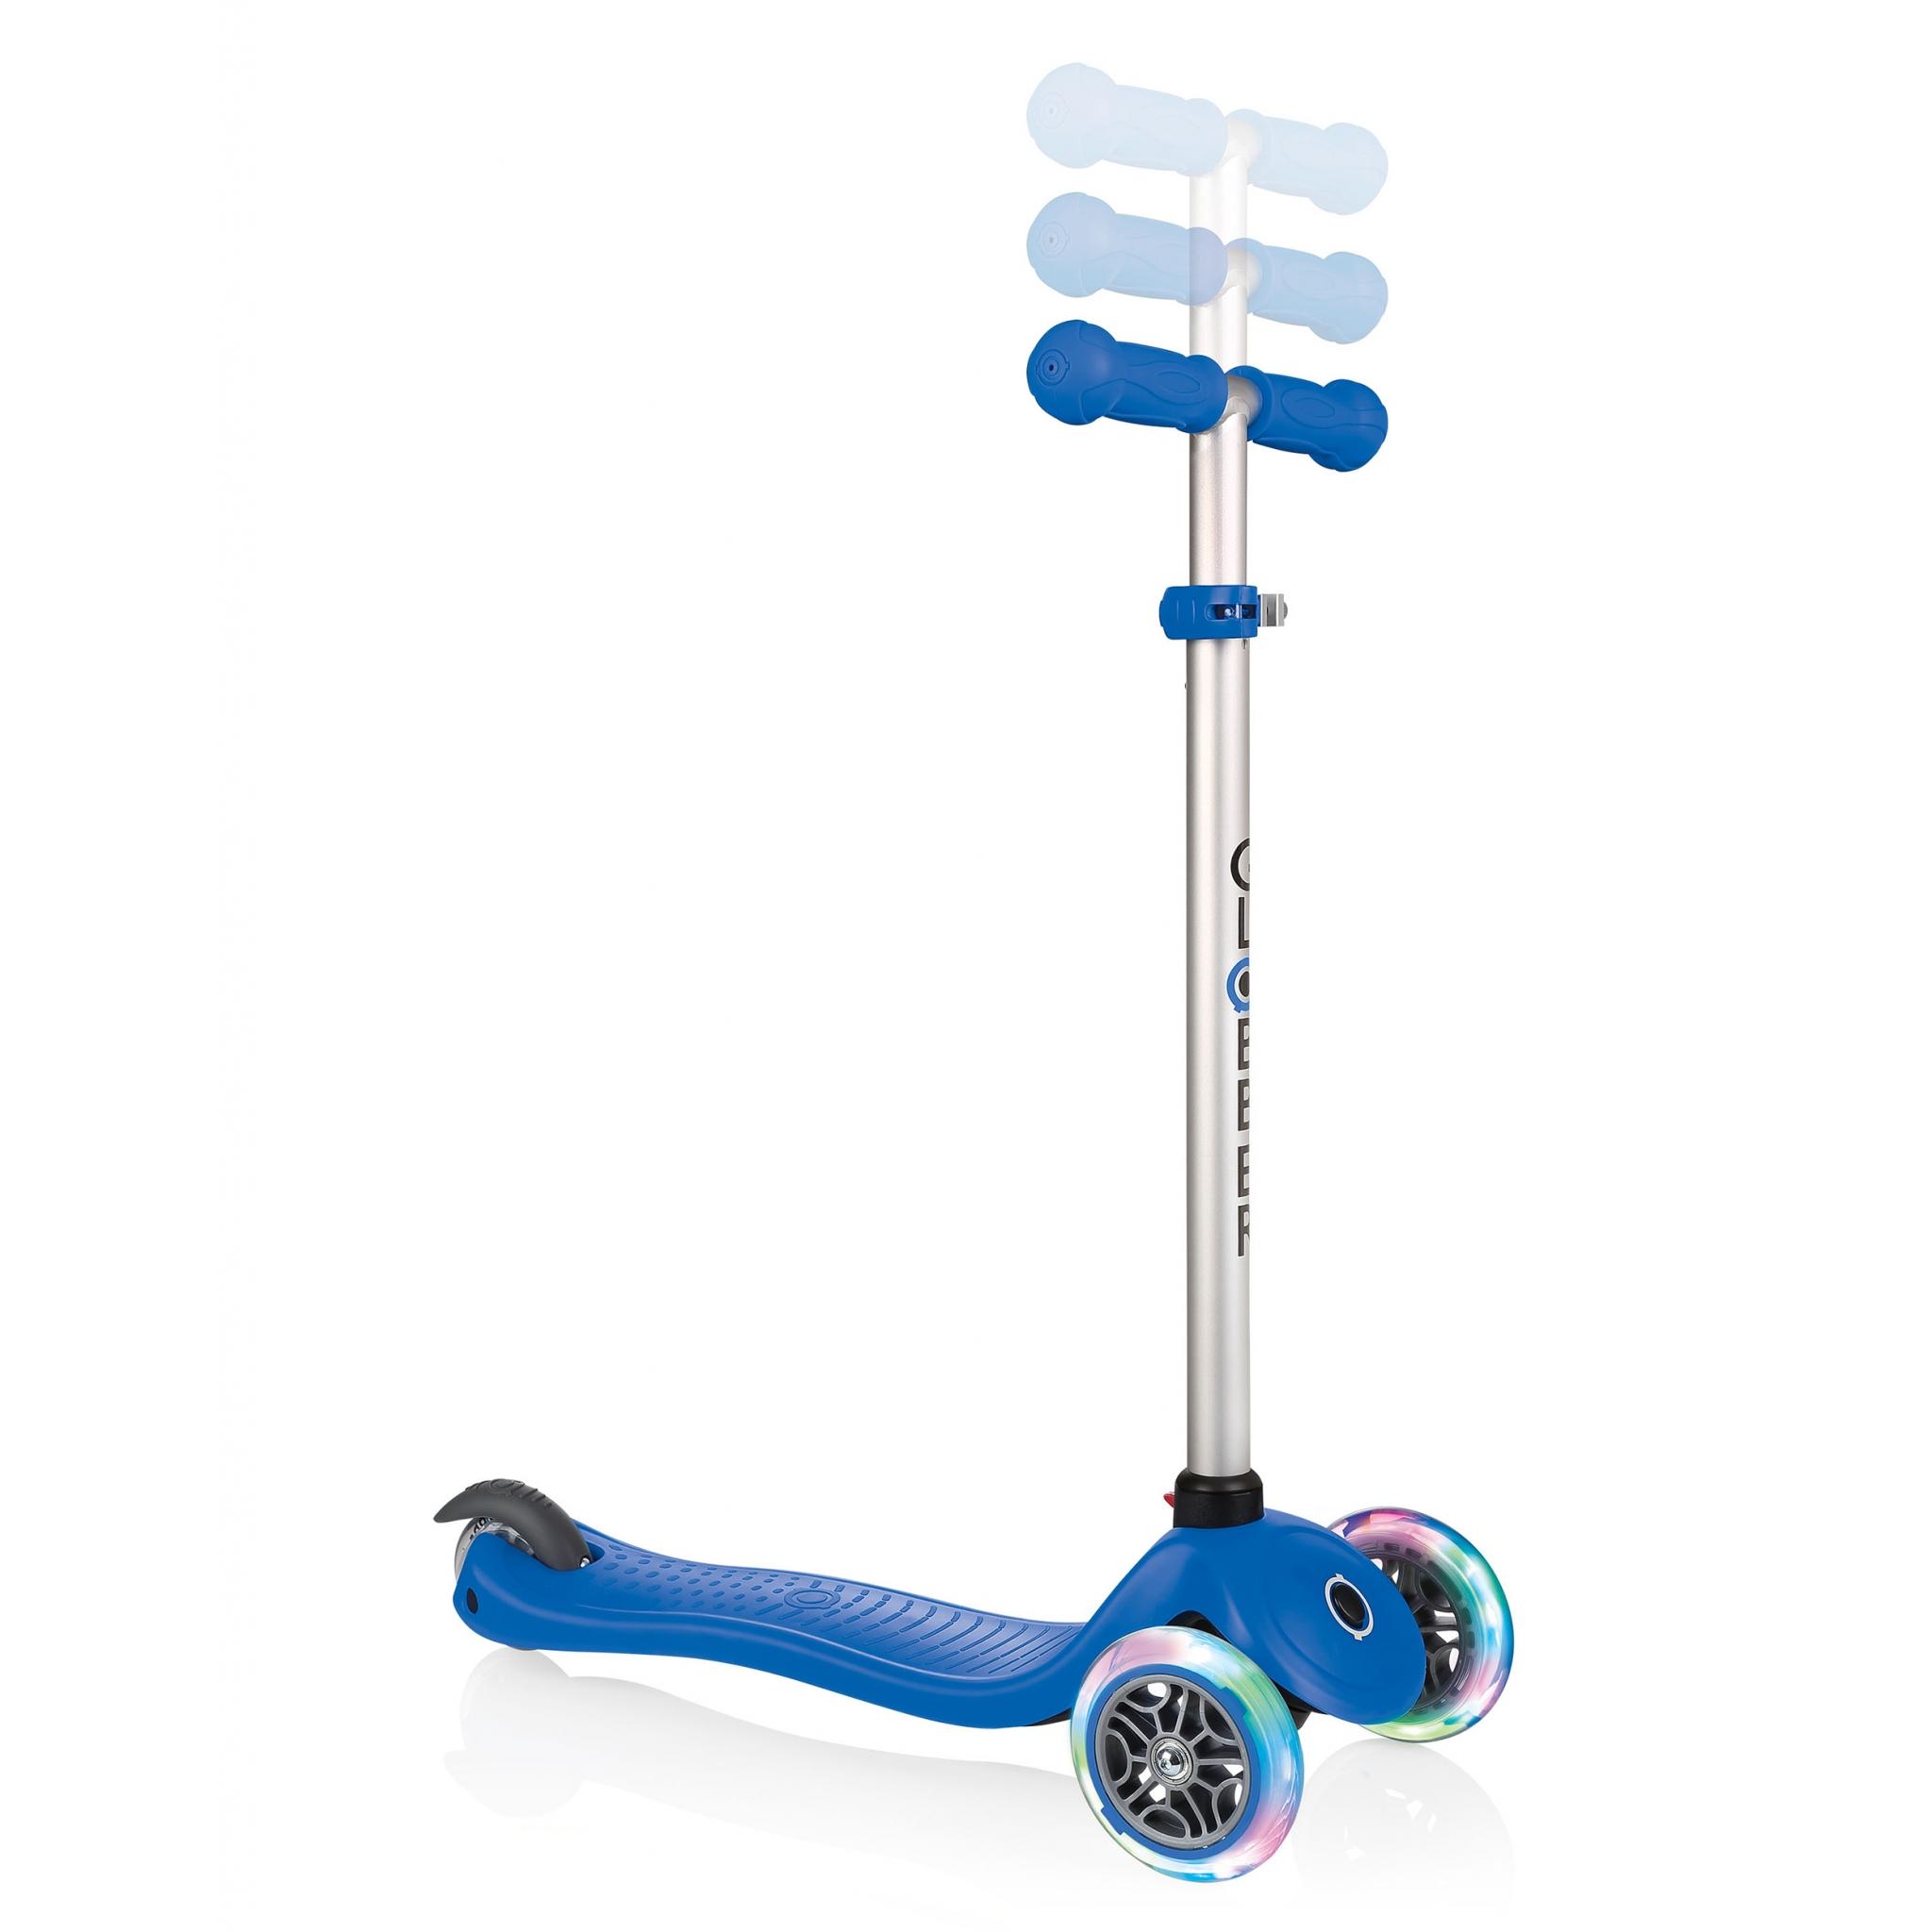 globber evo 4in1 lights trottinette volutive 3 roues pour enfants avec guidon adjustable et. Black Bedroom Furniture Sets. Home Design Ideas